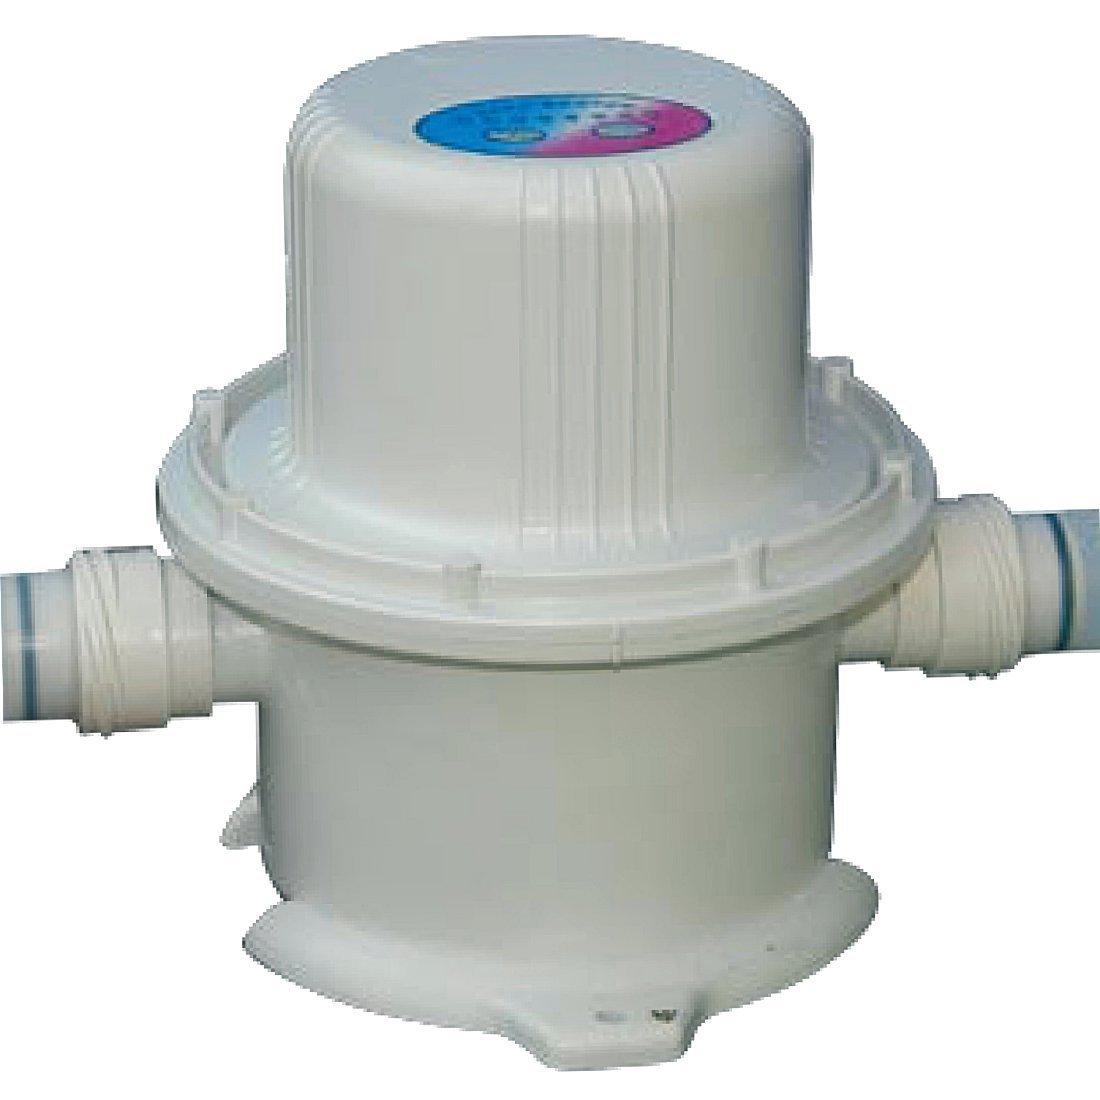 מחמם מים חשמלי לבריכה עד 40 מעלות חום צלזיוס. חברת ג'ילונג